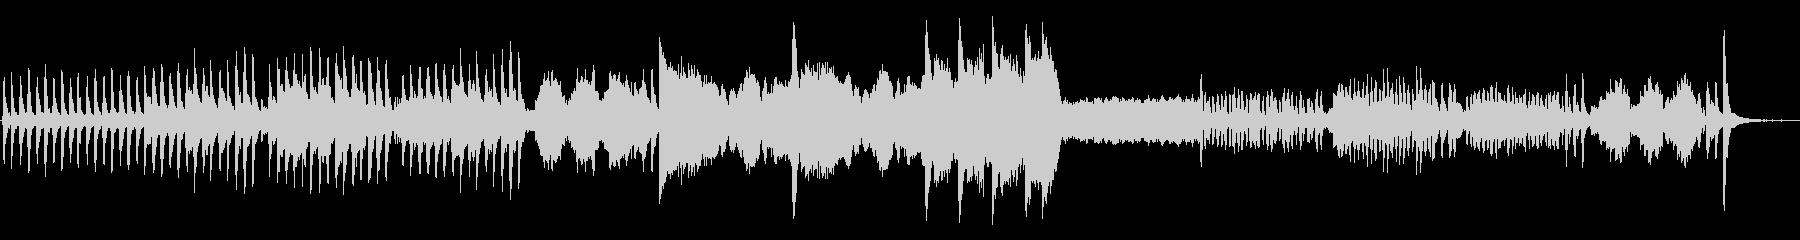 金平糖の精の踊り02(フルオケLP版)の未再生の波形